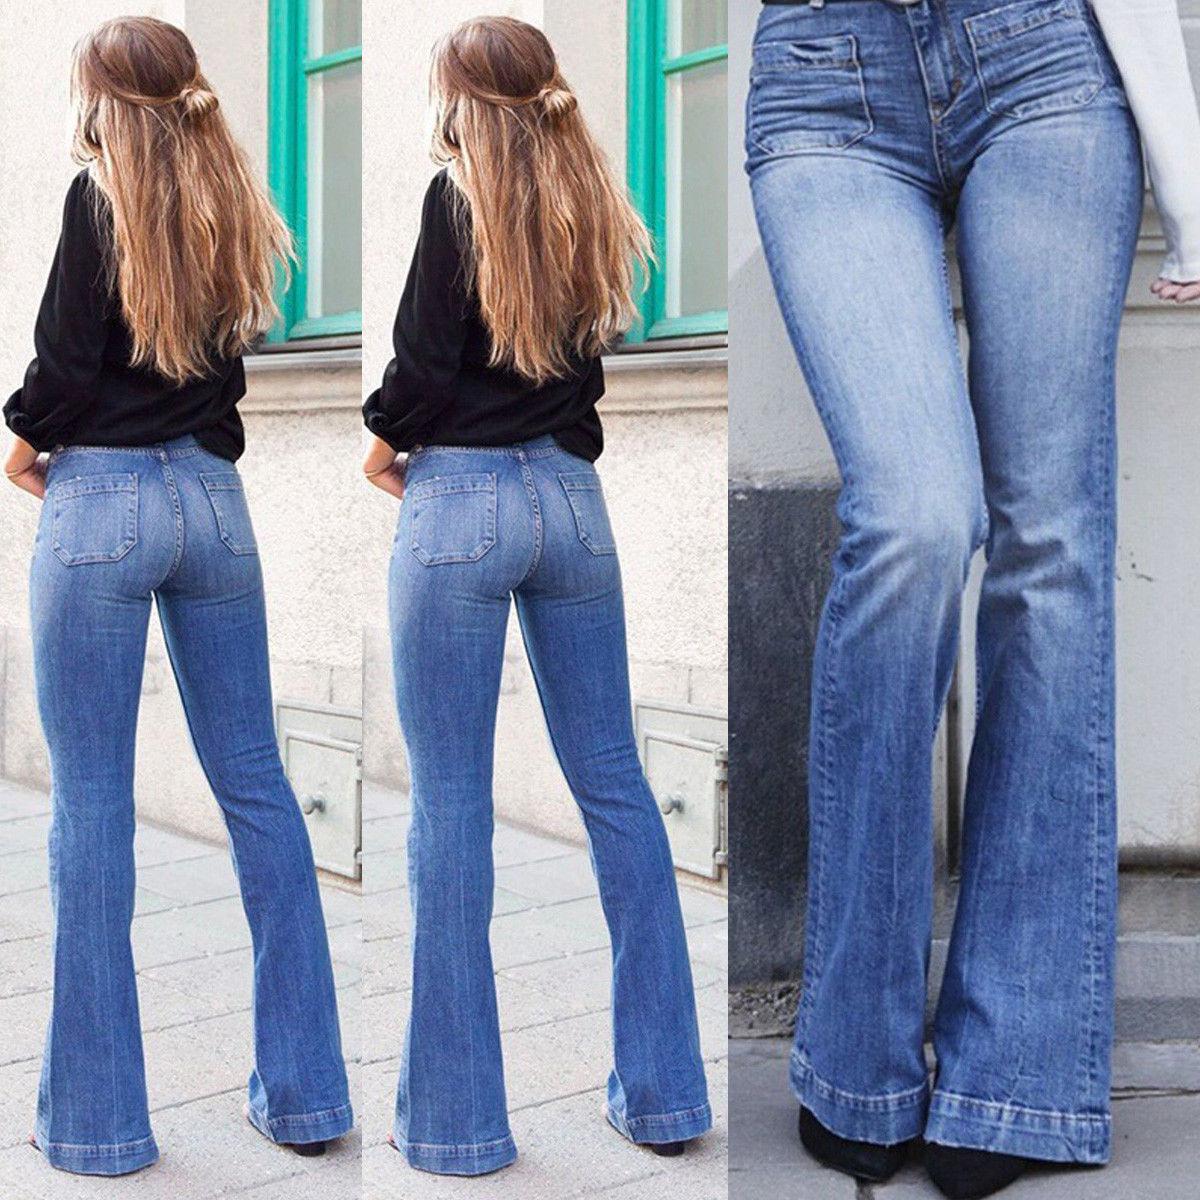 Pantalon Femme Slim Decontracte Extensible Et Retro Taille Haute A La Coupe A La Mode En Denim Sous Vetement Aliexpress